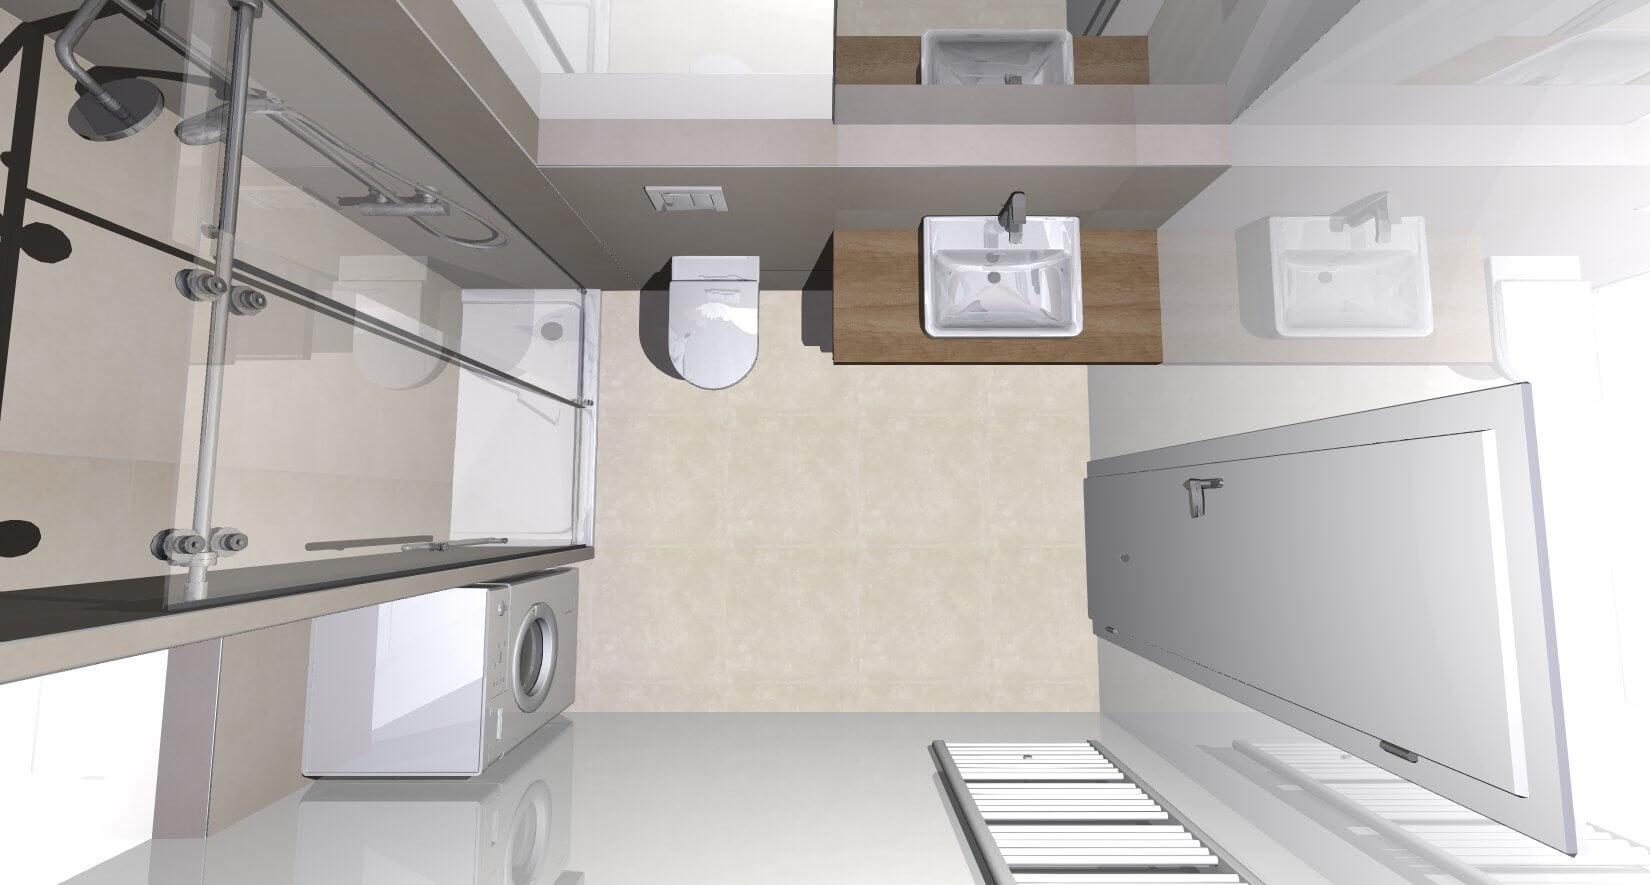 Predané: Novostavba posledný 1 izbový byt, širšie centrum v Bratislave, Beskydská ulica, 44,87m2, štandard, terasa 40m2-13